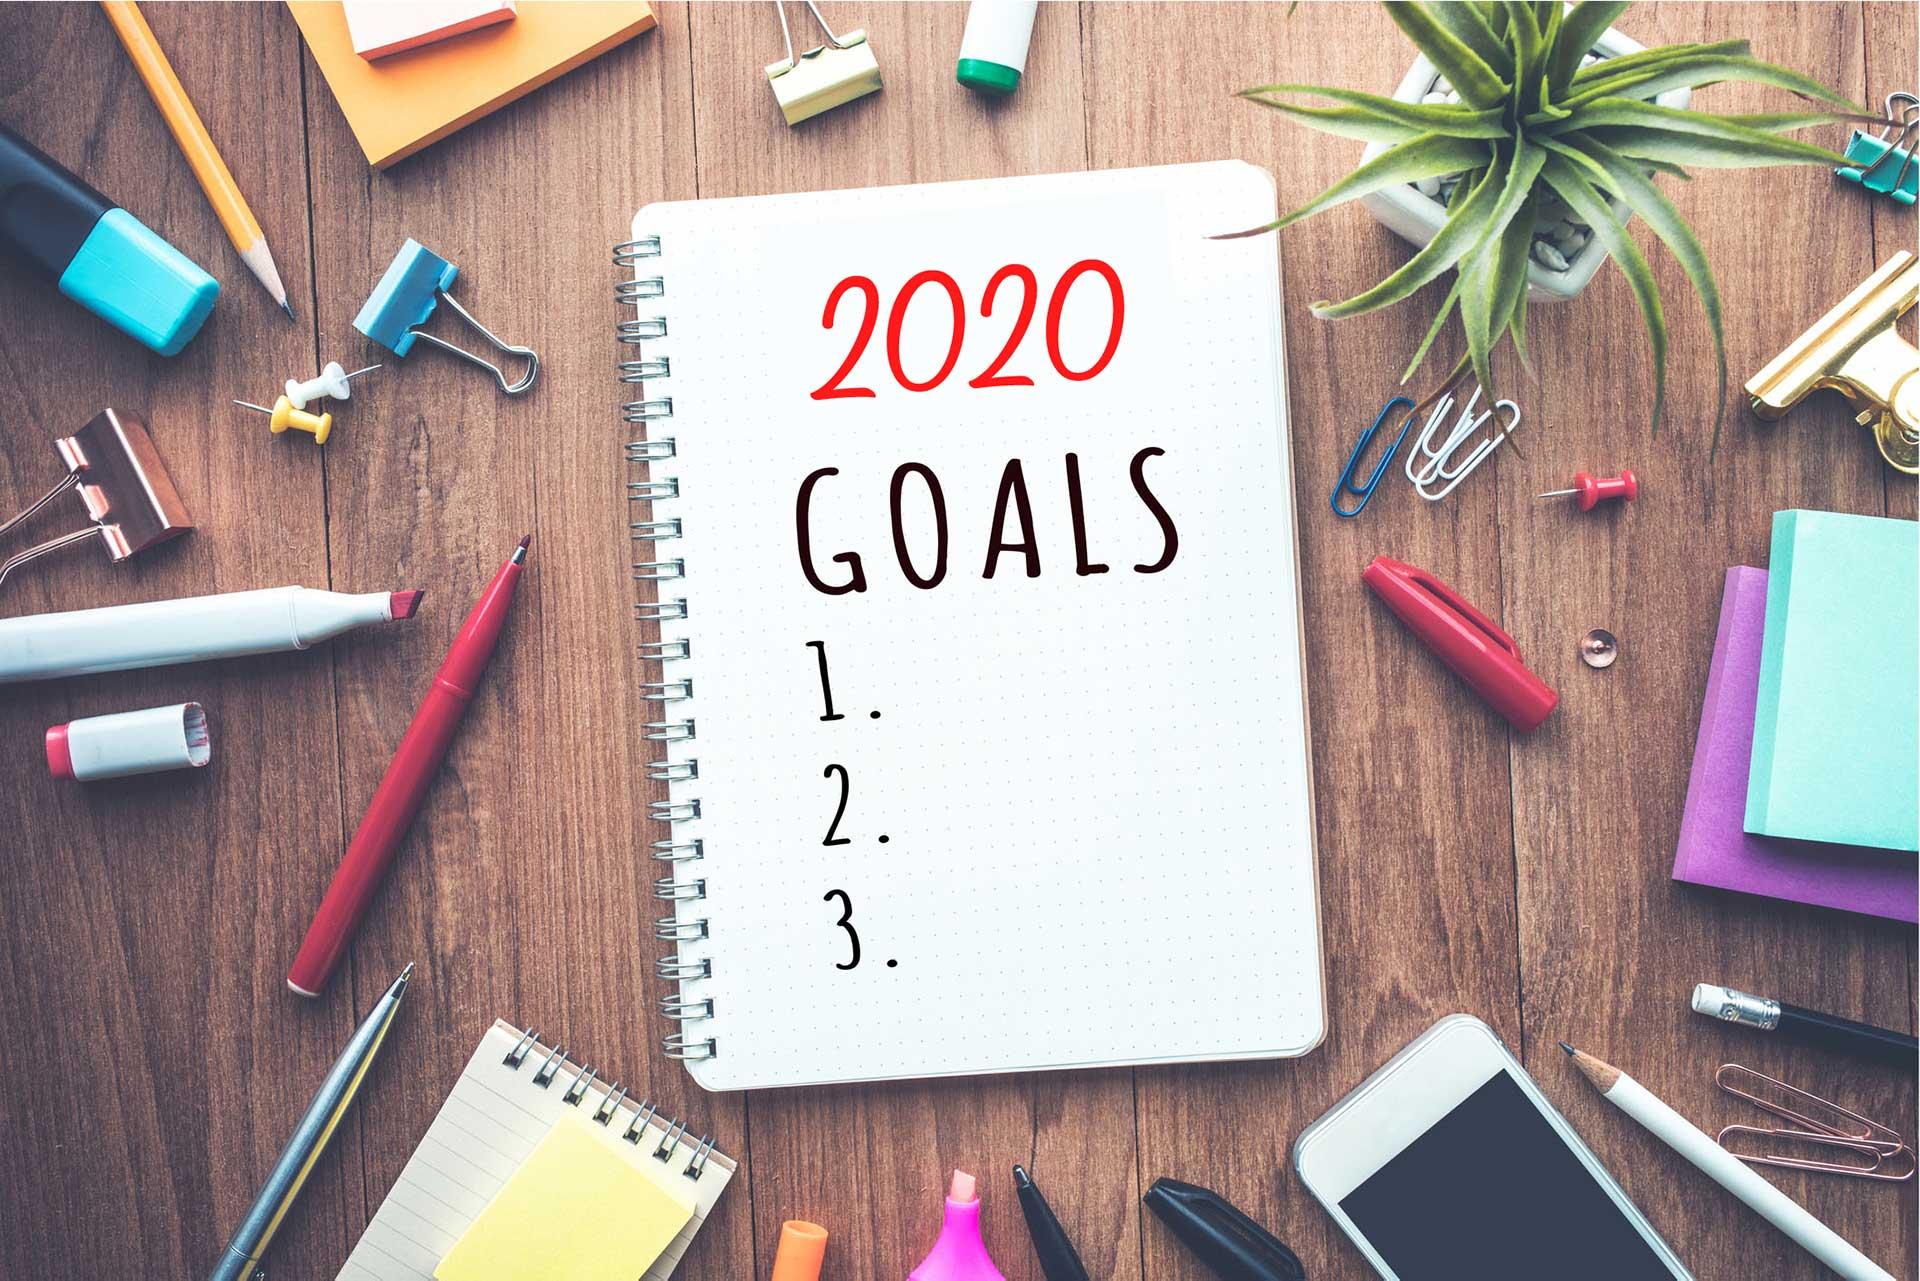 Como alcançar seus objetivos neste ano